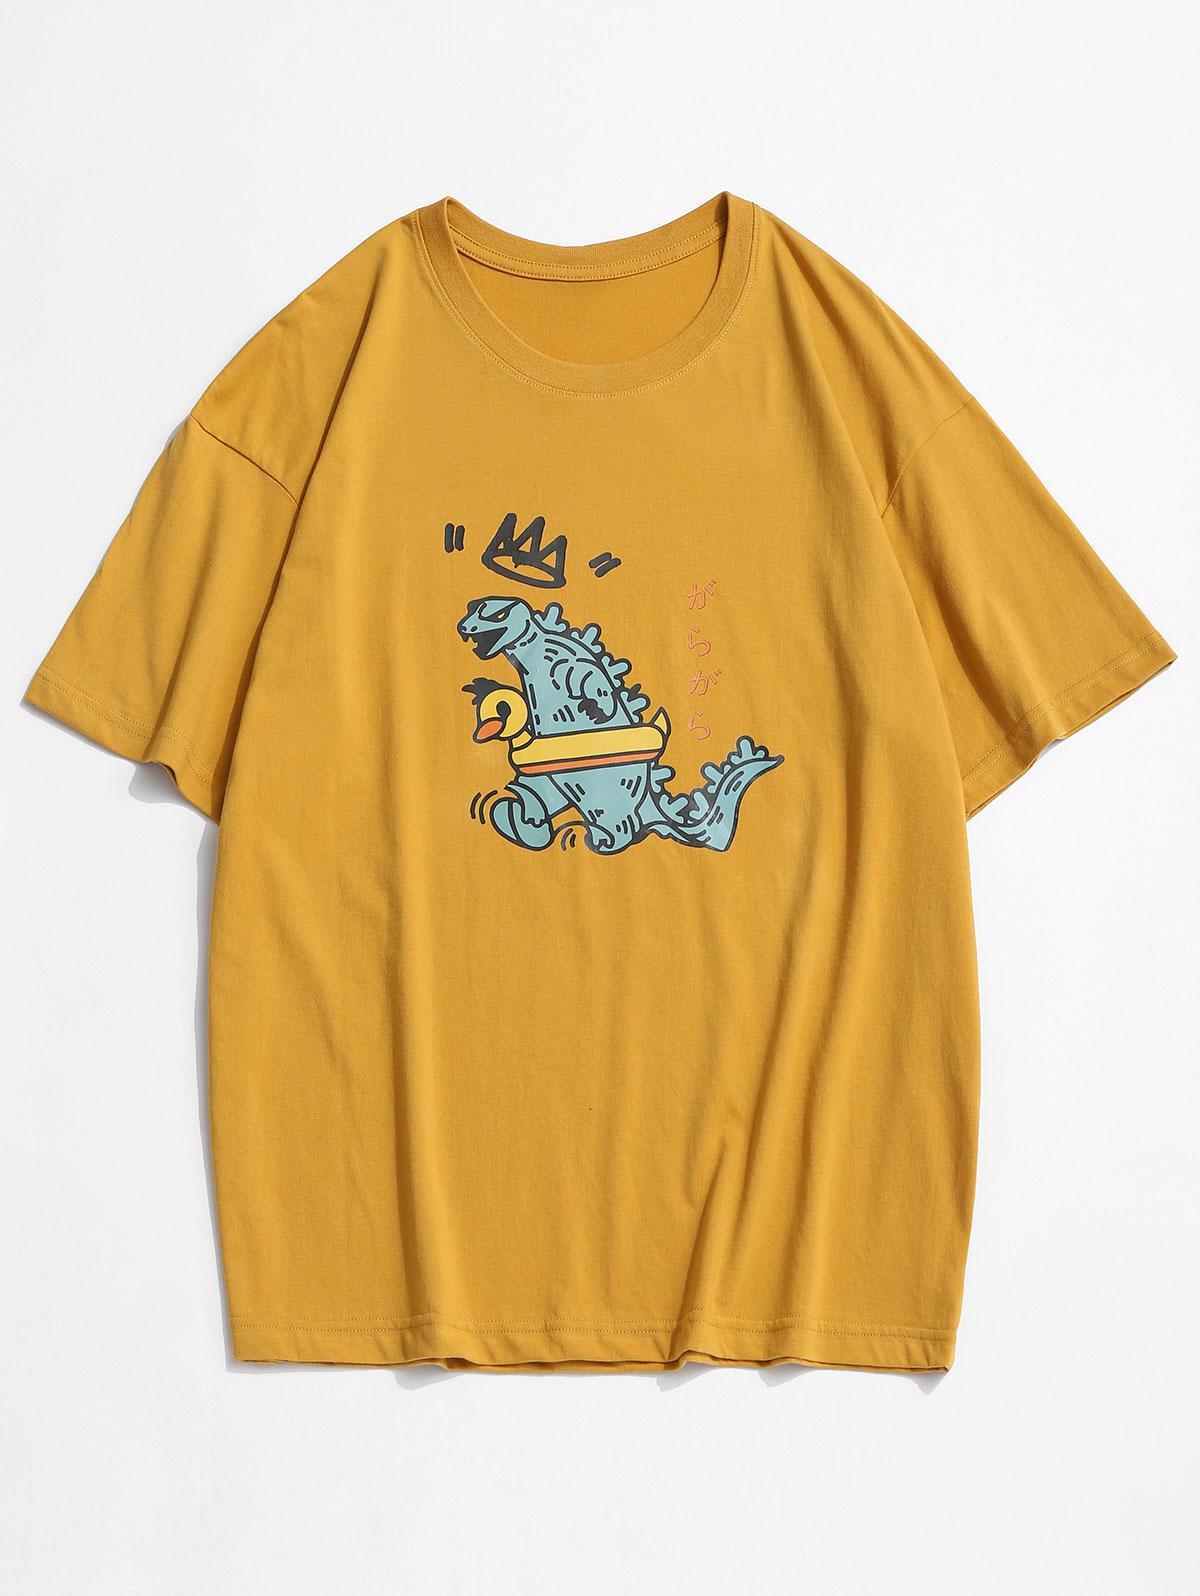 T-shirt MonstreDessin AniméImprimé à Col Rond 3xl - Zaful FR - Modalova